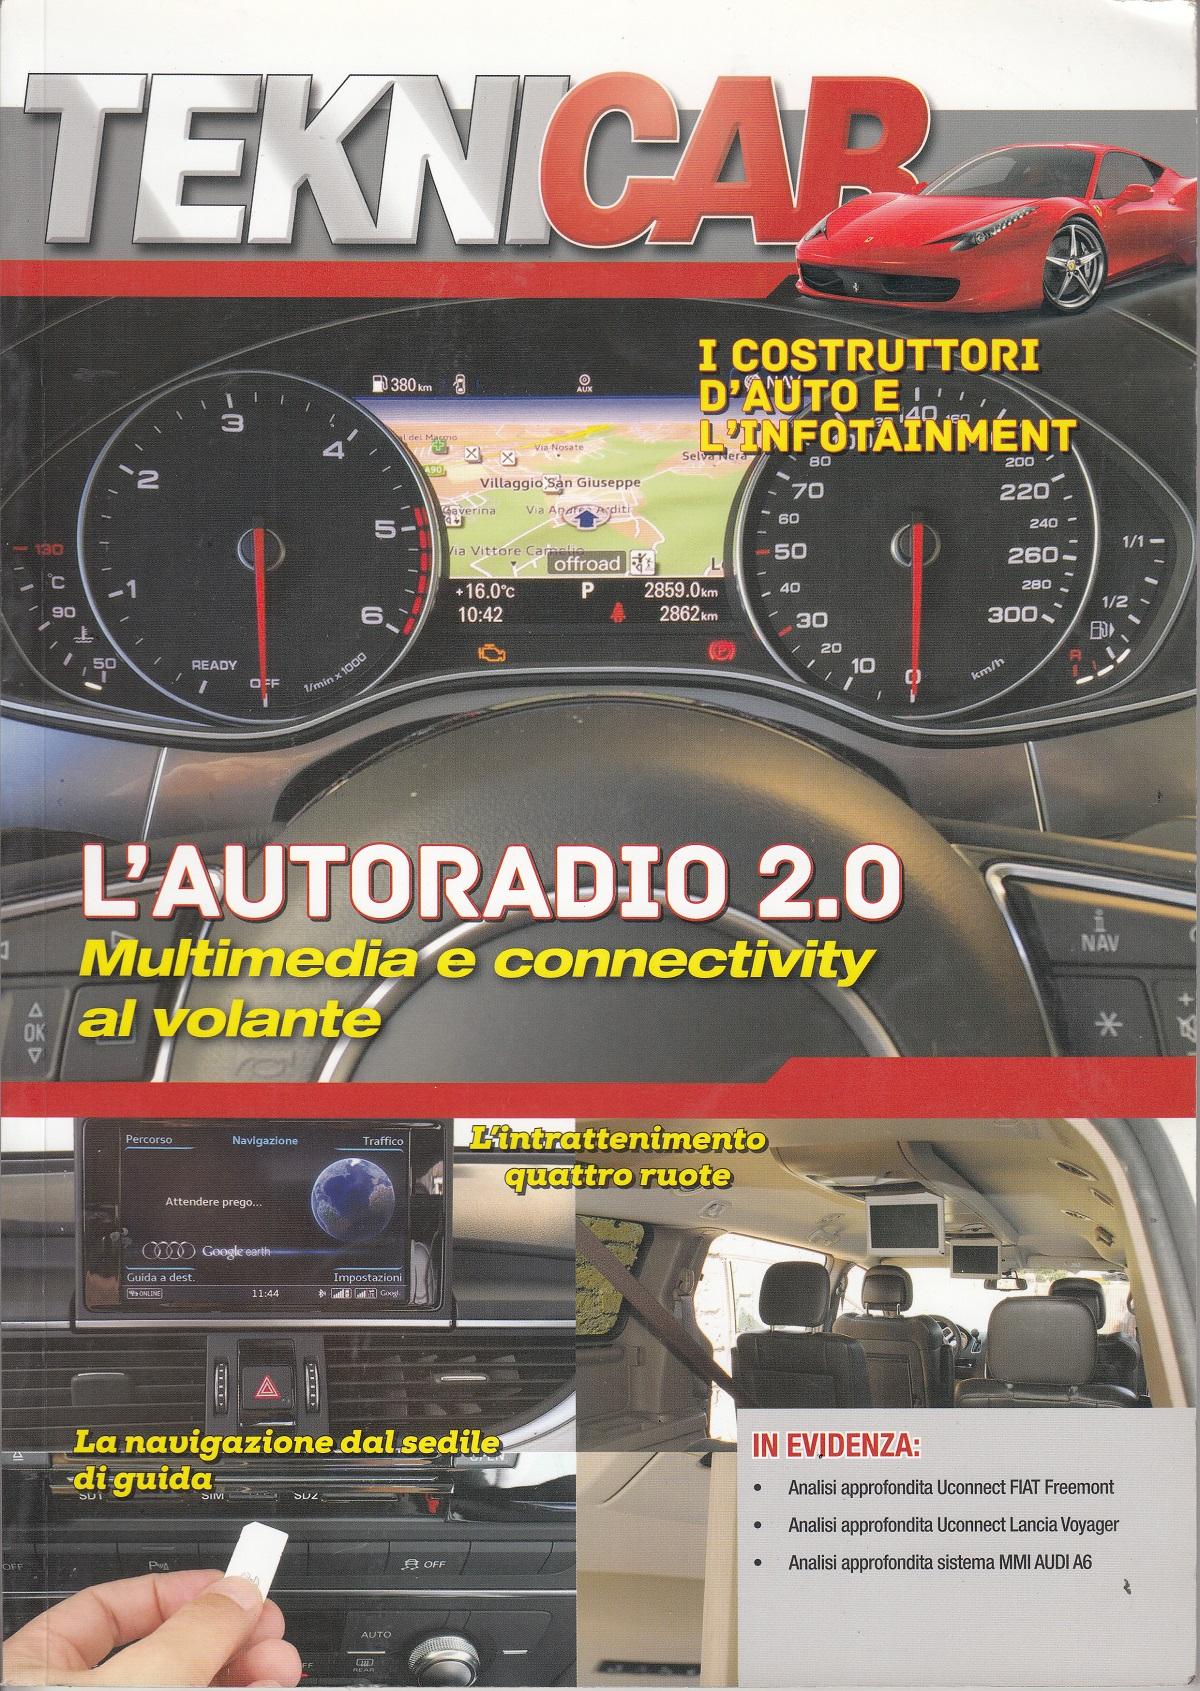 VOLUME 19 - L'Autoradio 2.0 multimedia e connectivity al volante